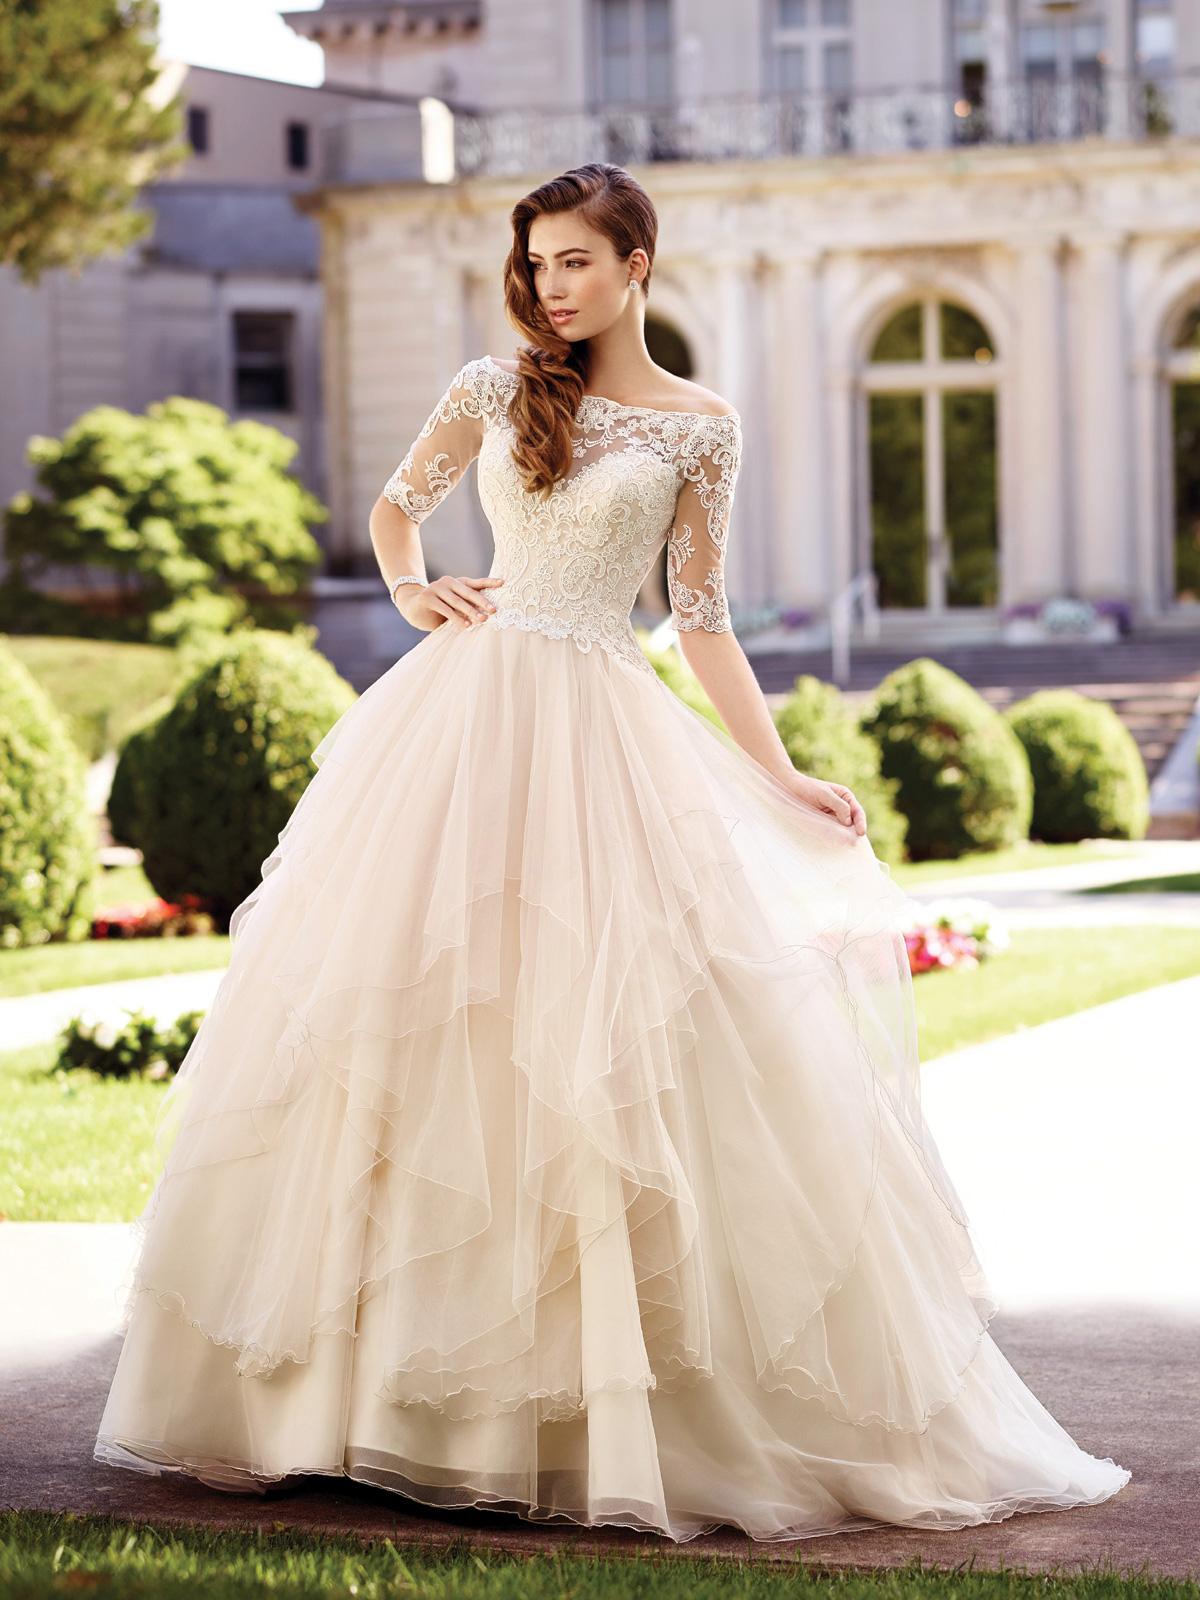 Vestido de Noiva ombro a ombro transparente no colo, costas e mangas, corpo acinturado em renda soutache e saia ampla em lenços de tule francês.